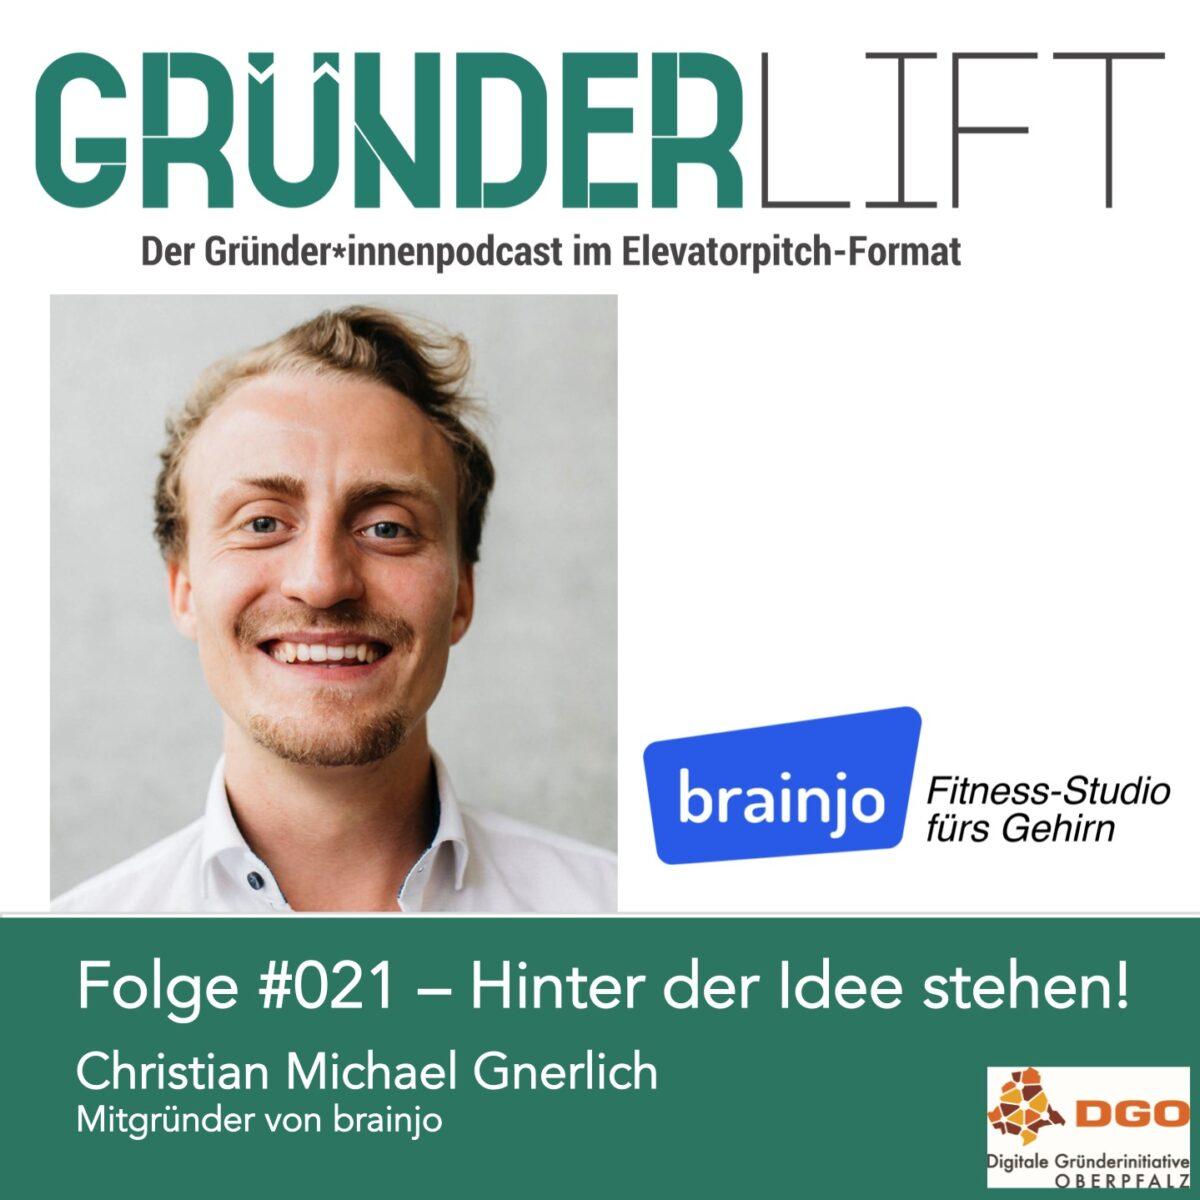 Cover GründerLift #021 Christian Gnerlich Brainjo